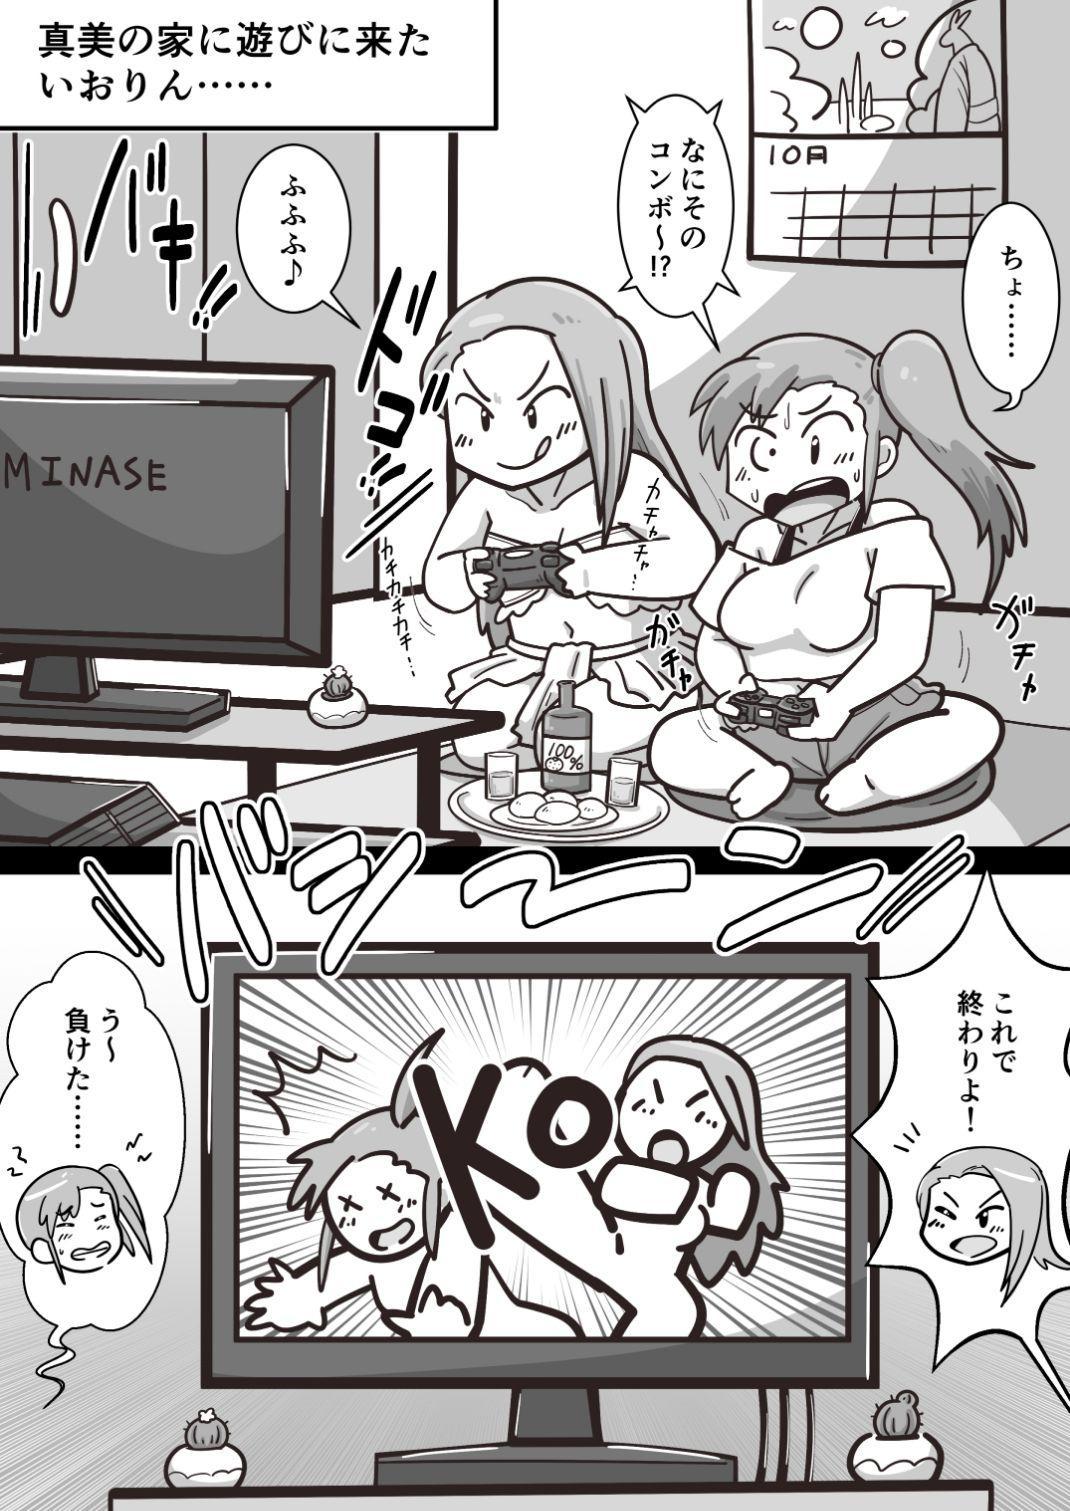 Futanari Iorin ga Mami no Oppai o Tannou suru Manga 1